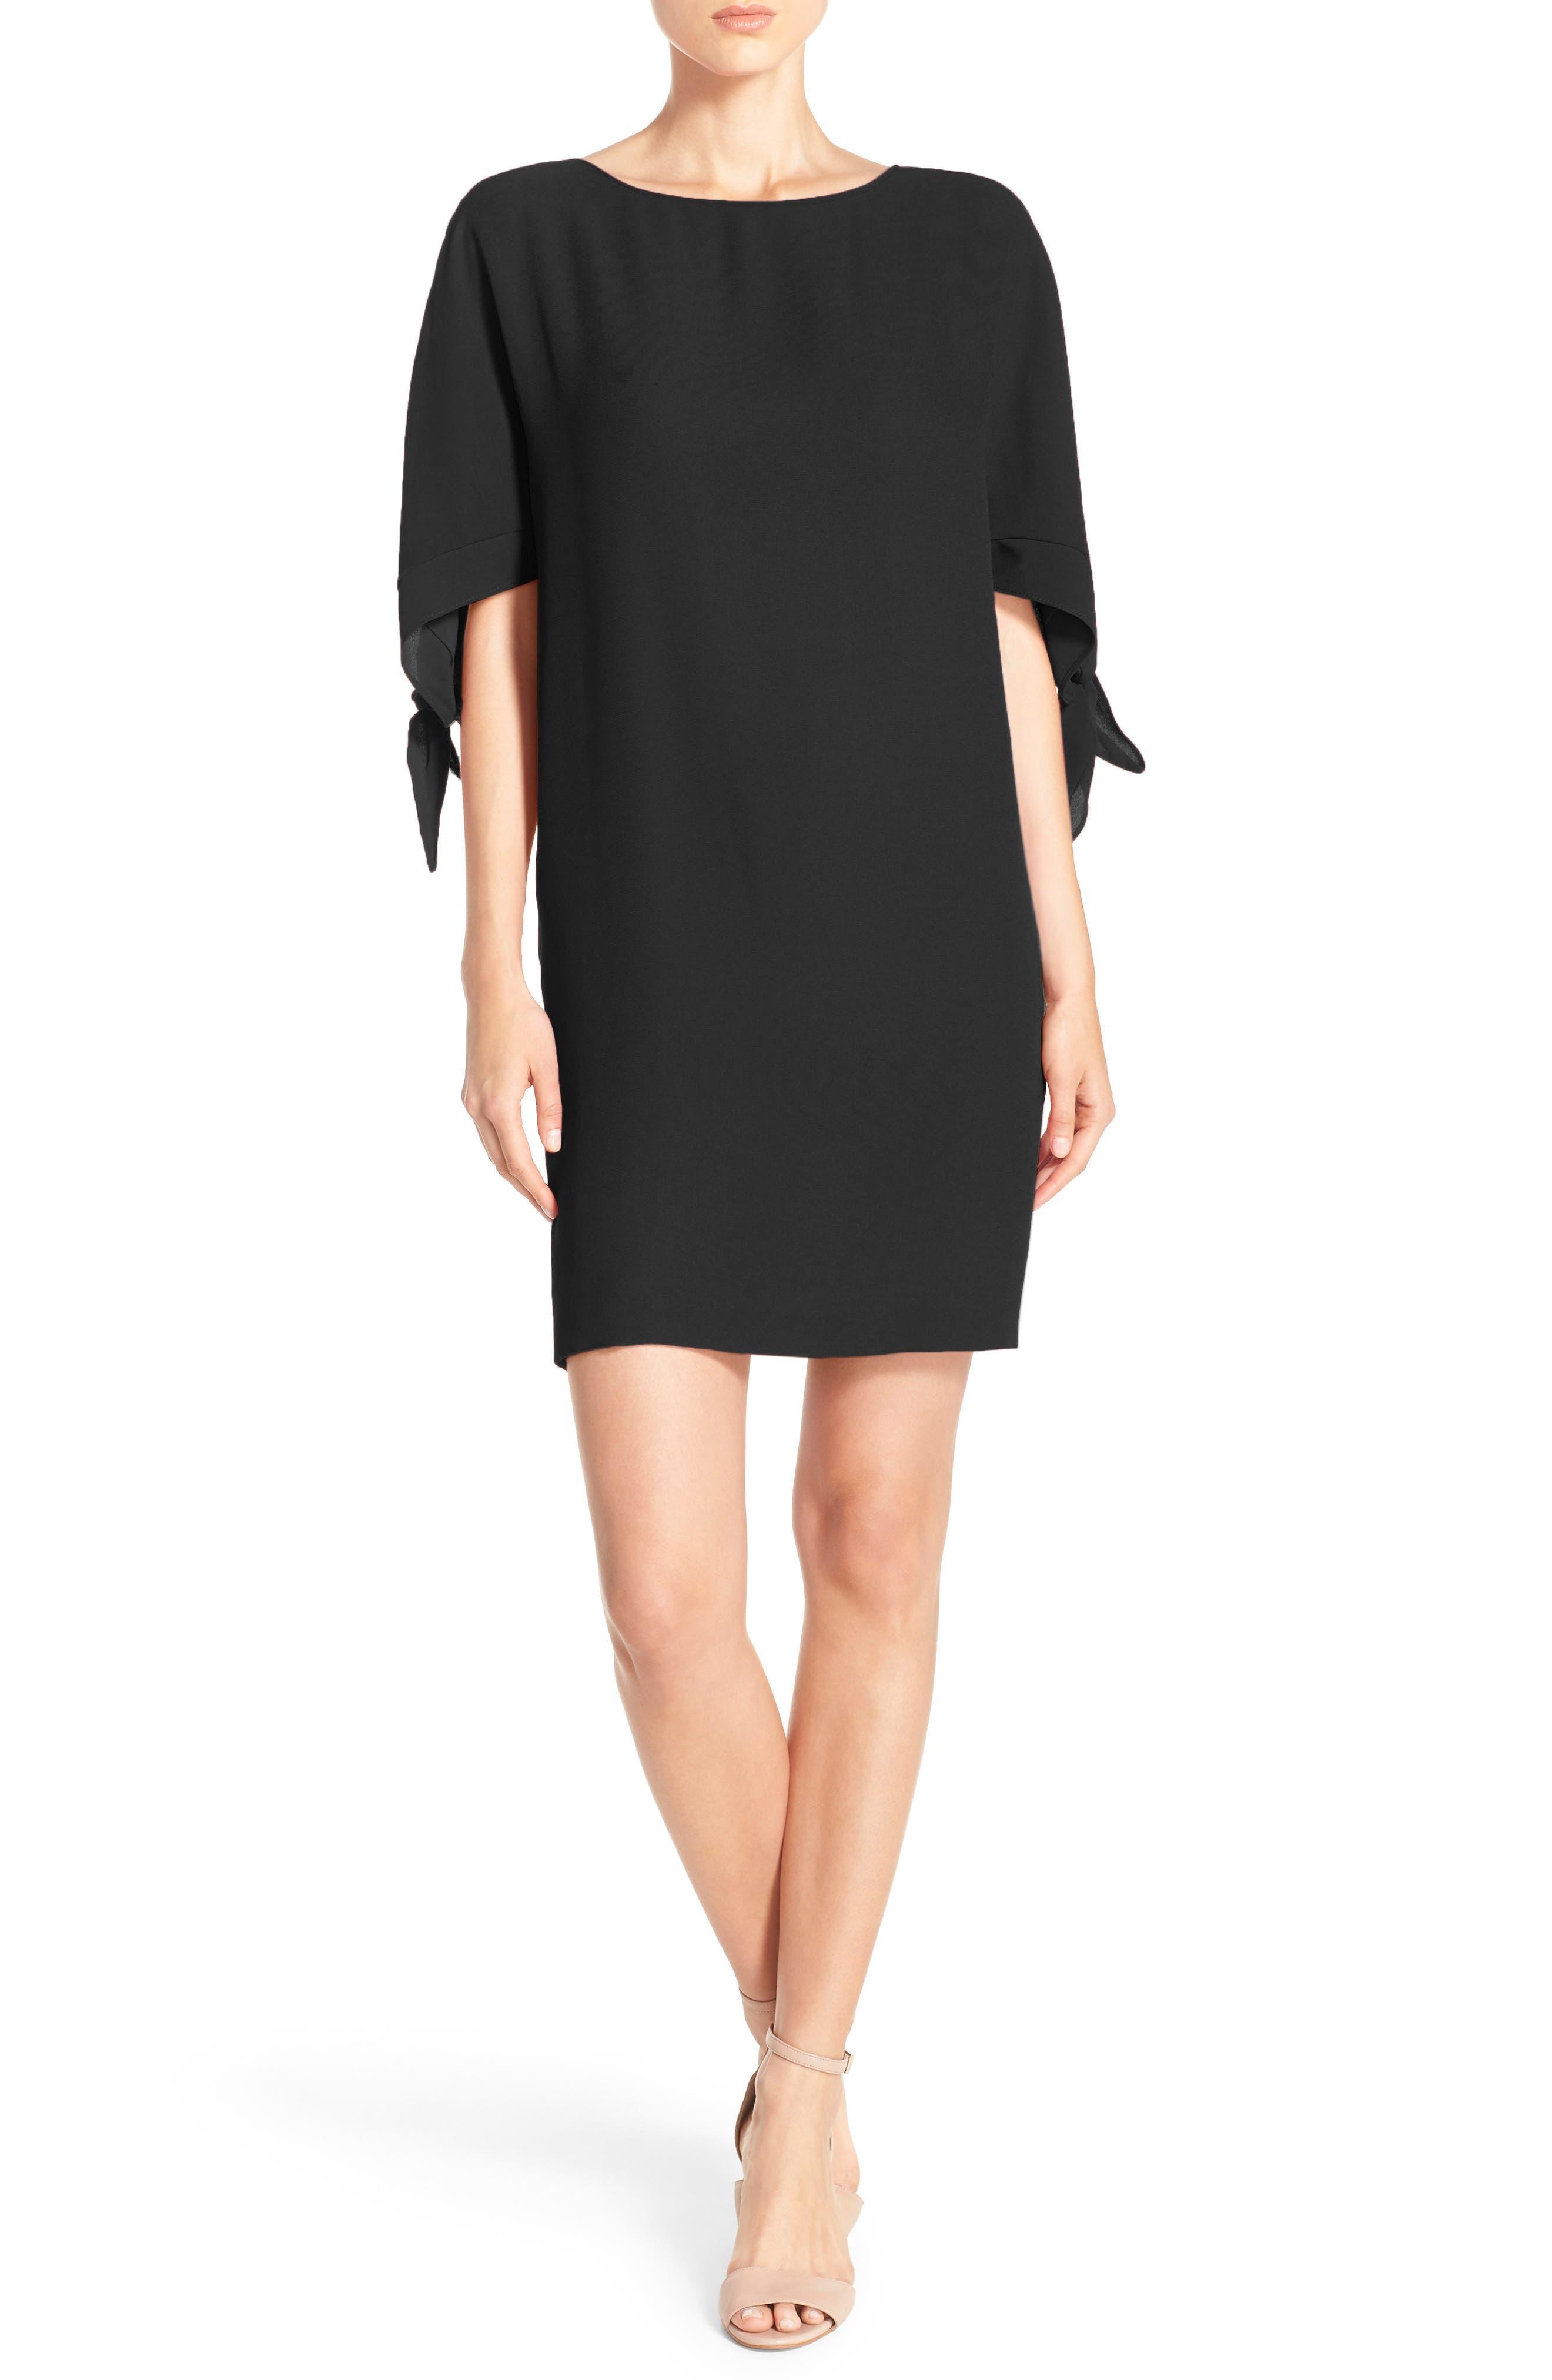 Main Image - Vince Camuto Cold Shoulder Shift Dress (Regular & Petite)